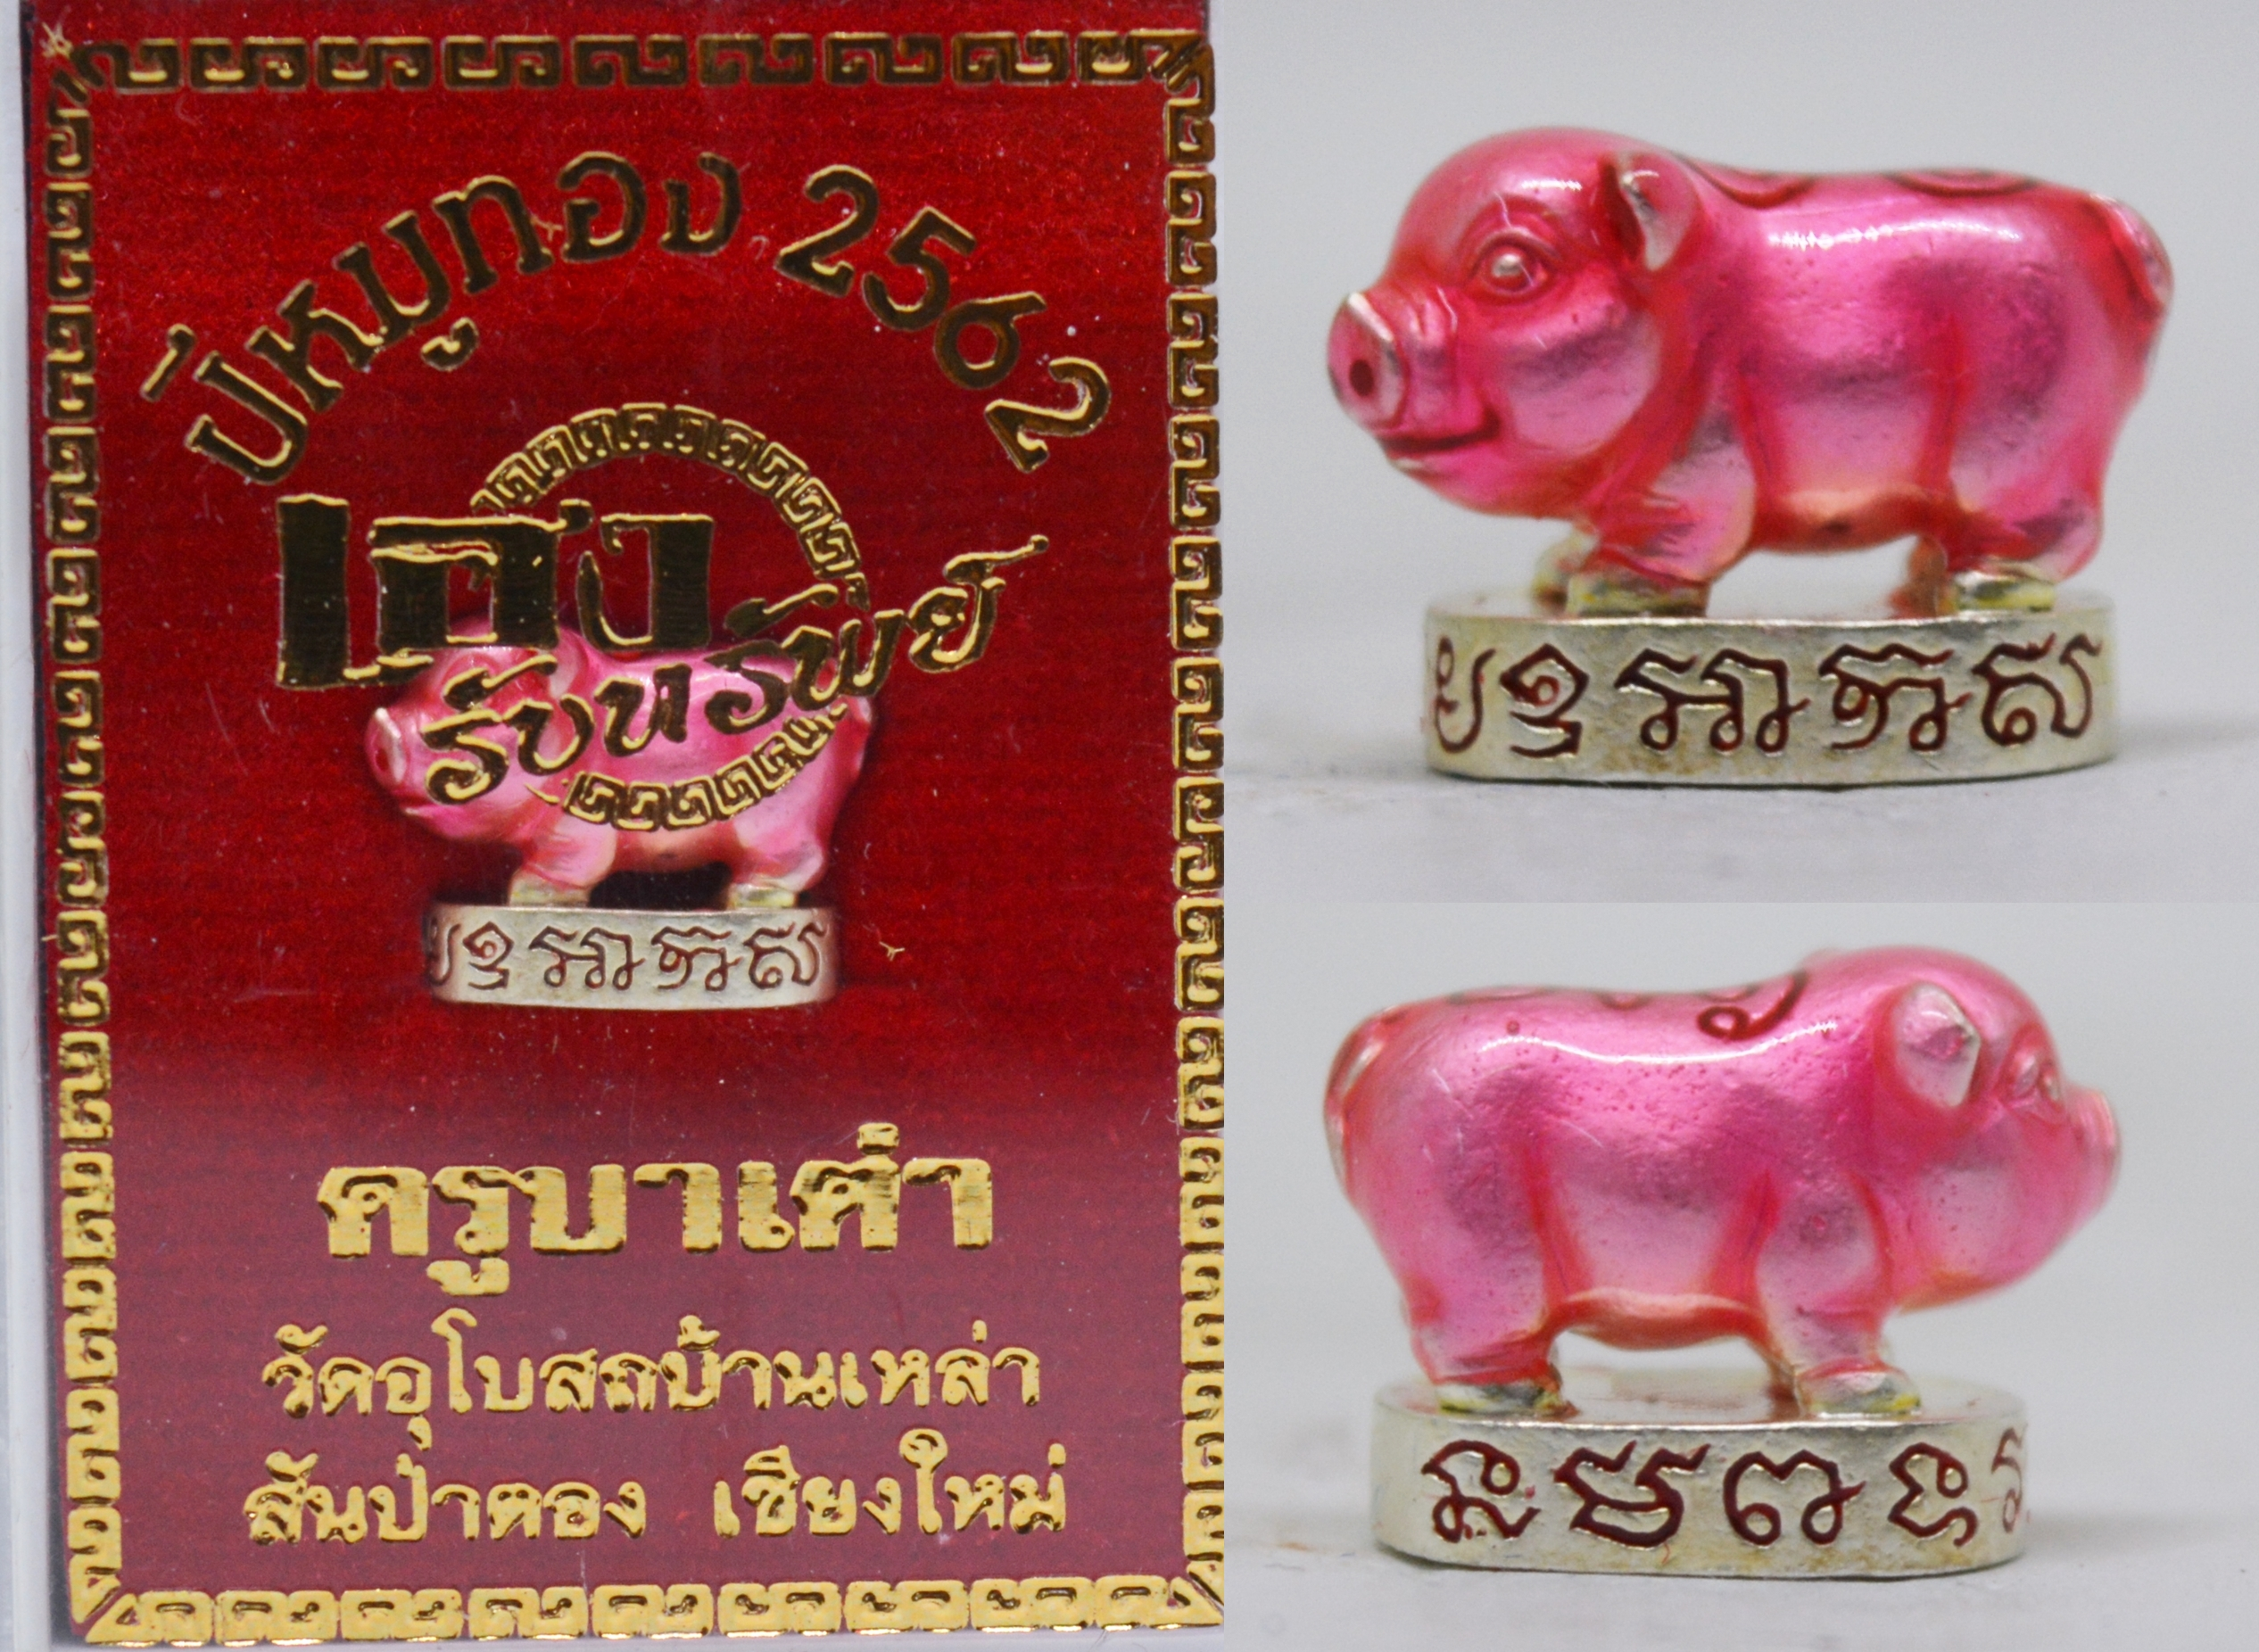 หมูจิ๋วมหาเฮง เนื้อกะหลั่ยเงินลงยาชมพู ครูบาเต่า วัดบ้านเหล่า เชียงใหม่ 2562 ยาว1.3 ซม. สูง 1 ซม